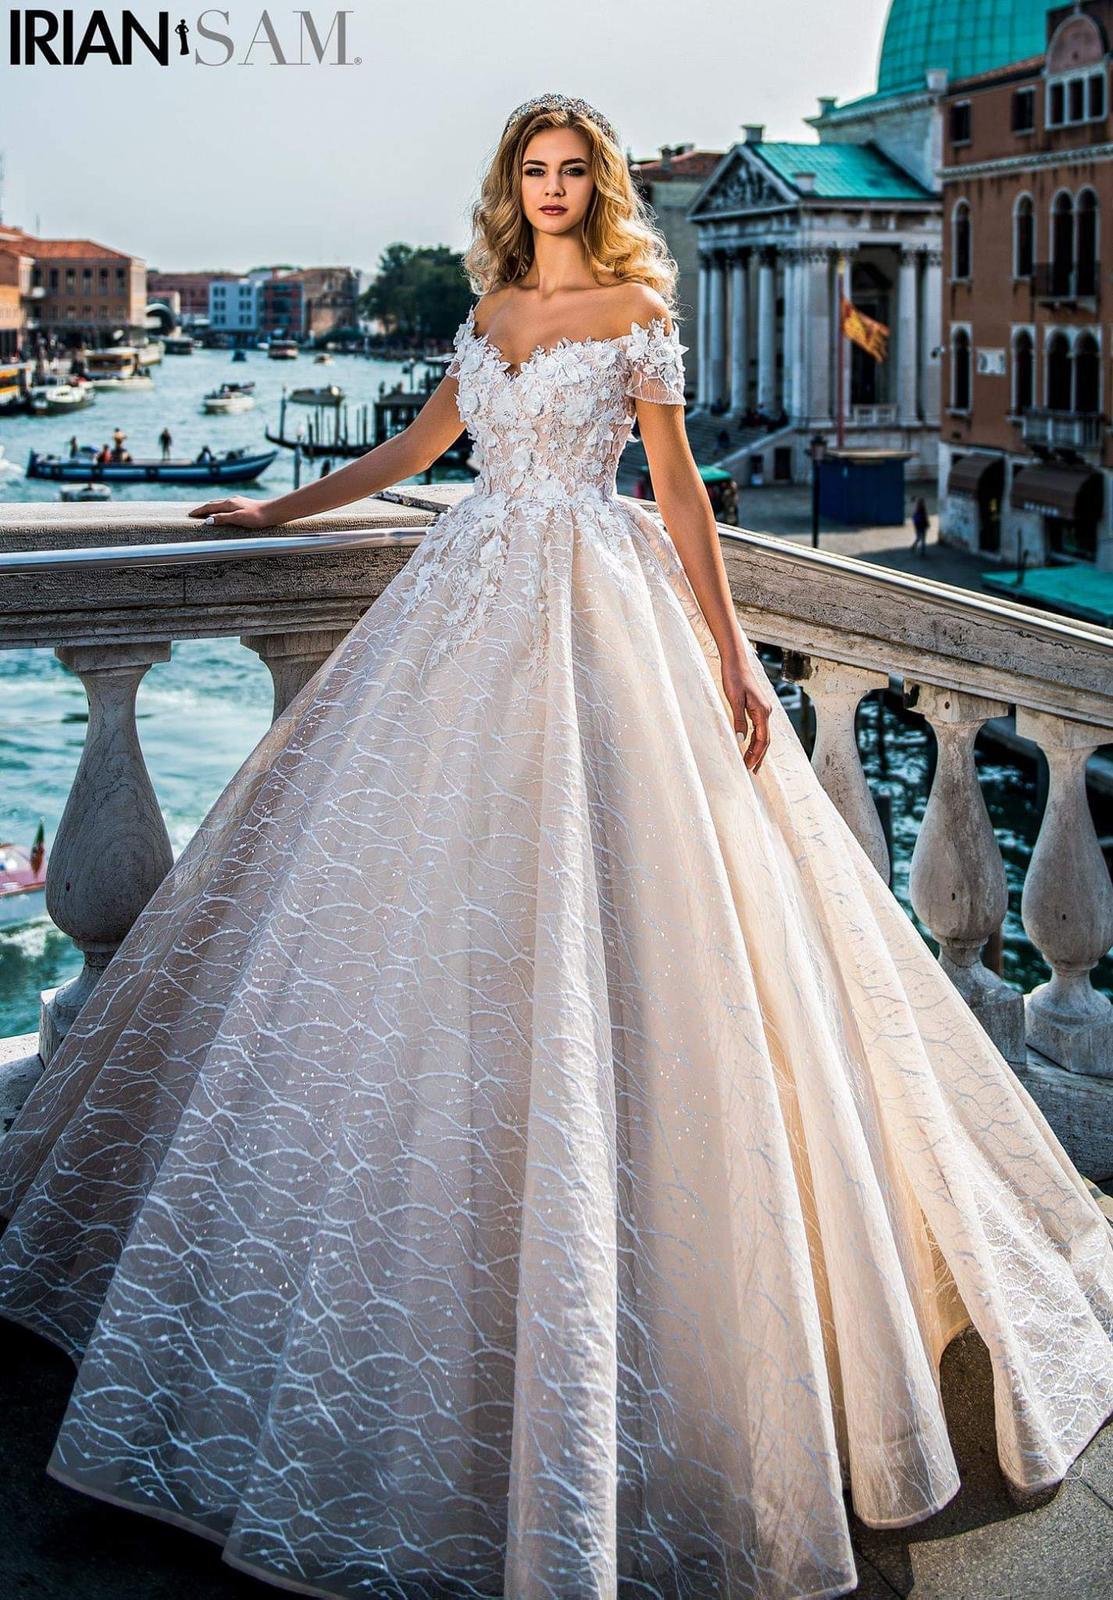 Predám svadobné šaty veľkosti... - Obrázok č. 1